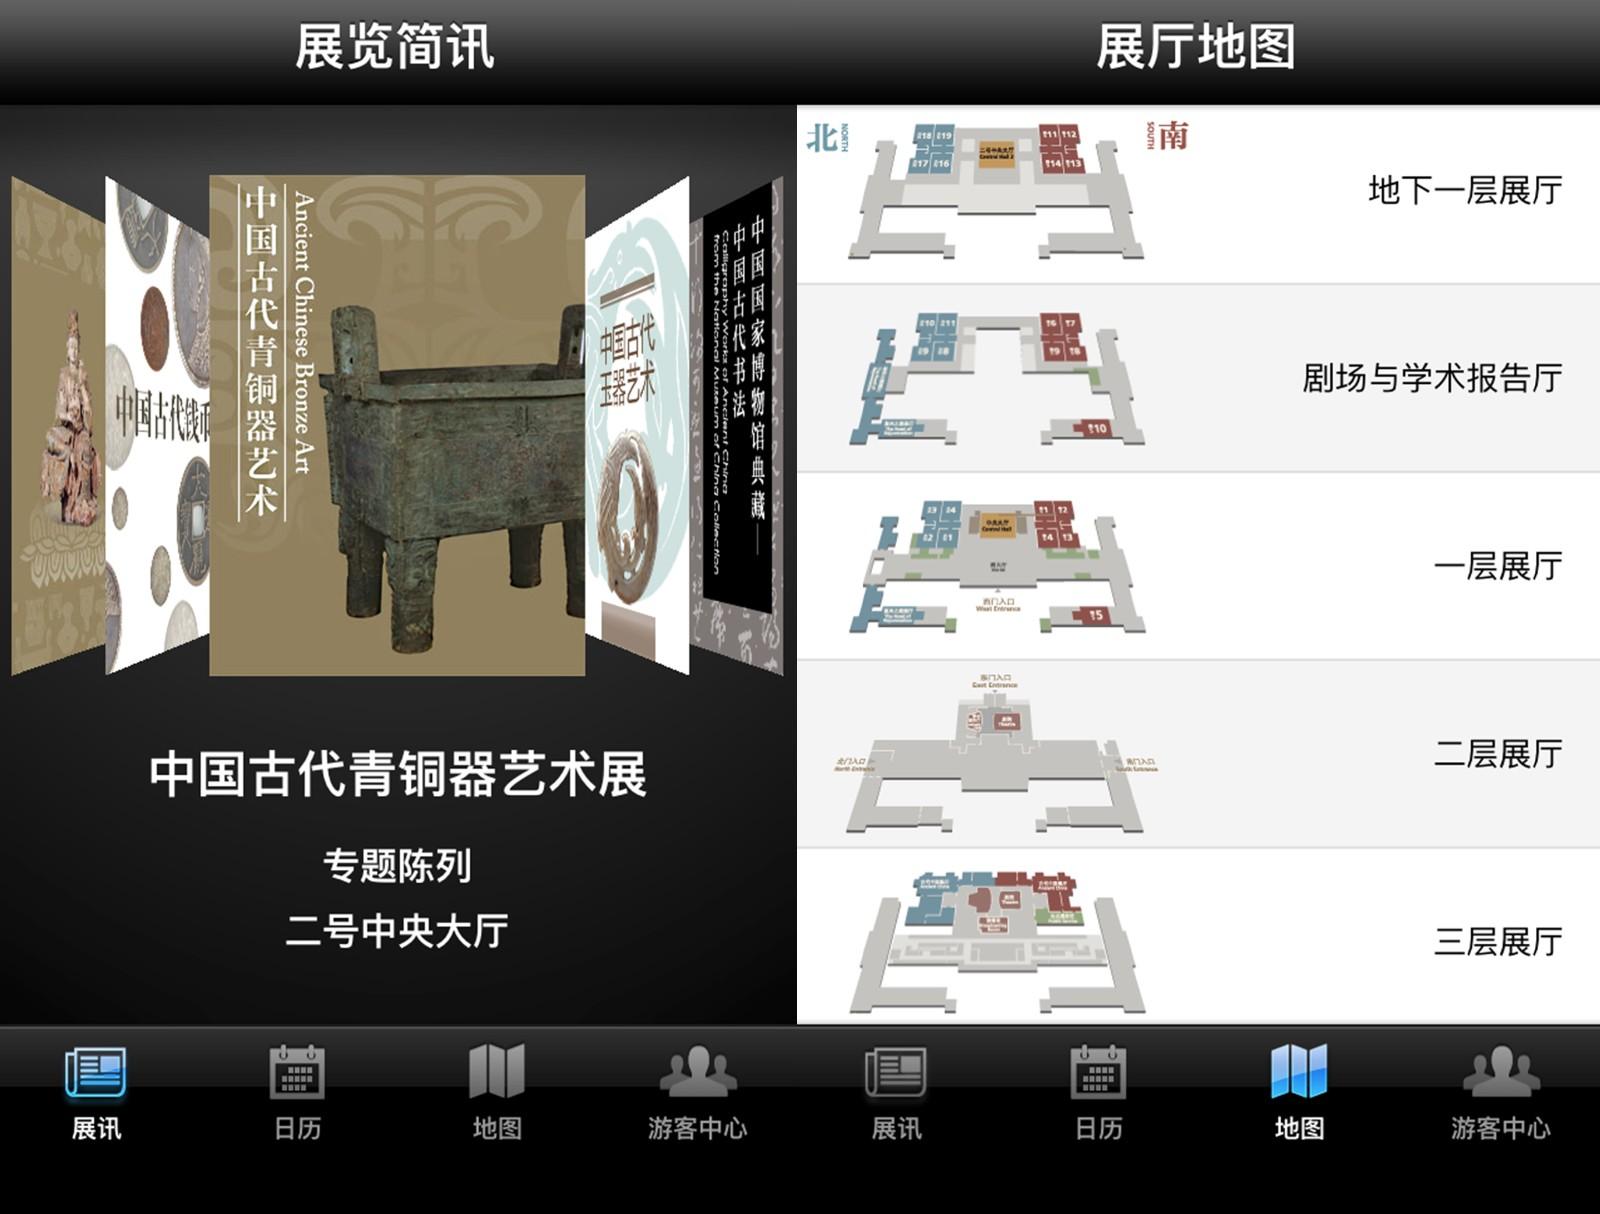 博物馆手机APP.jpeg